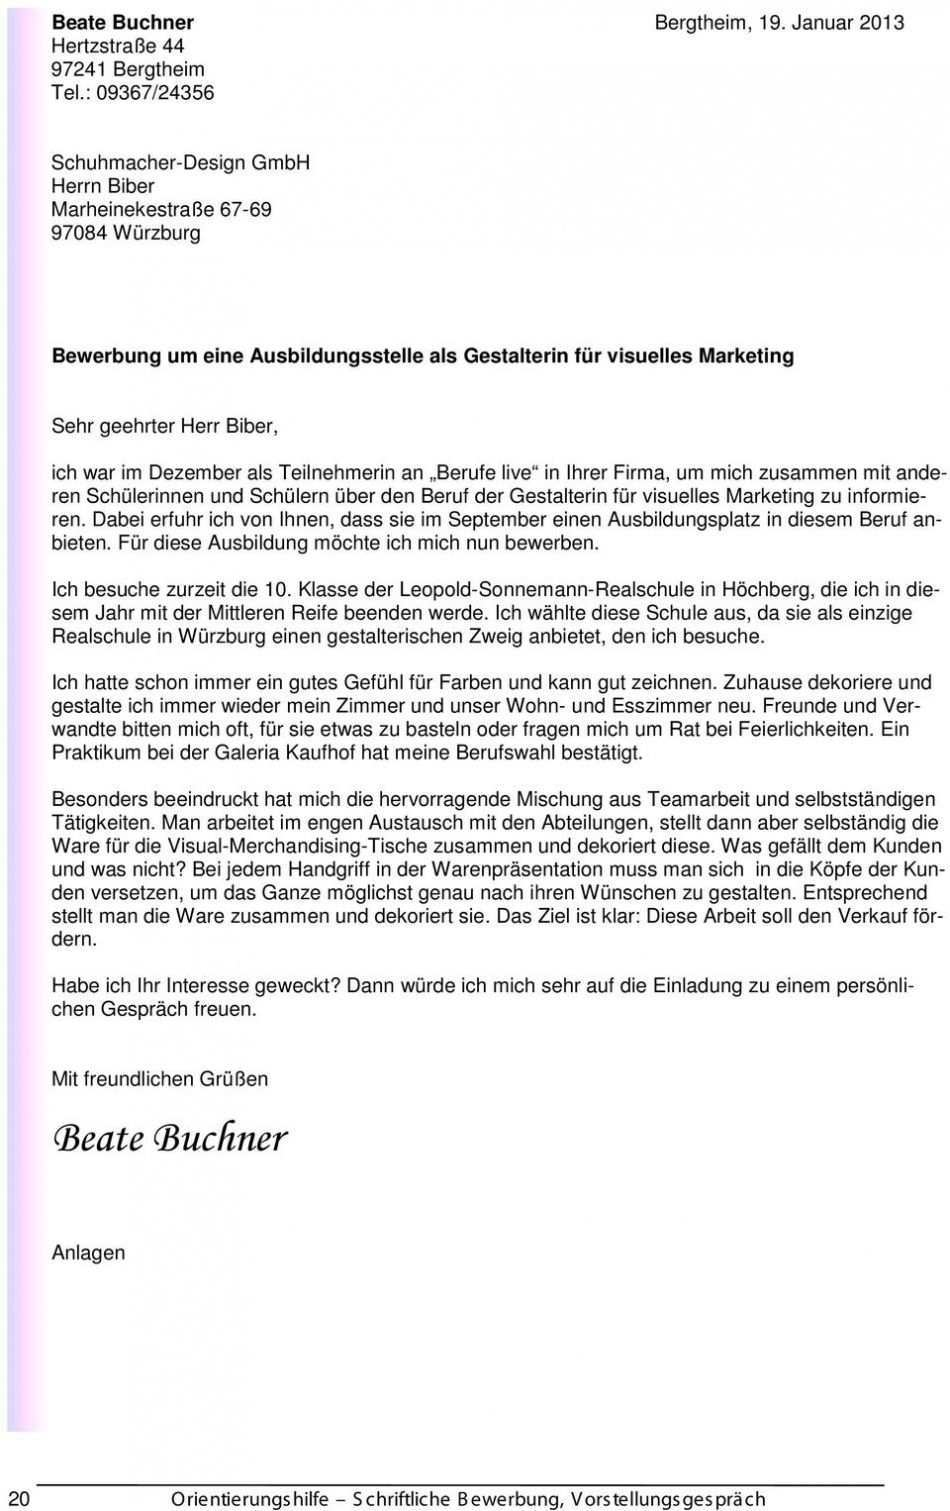 Ikea Ausbildung Gestalter Fur Visuelles Marketing Visuelles Marketing Gestalter Fur Visuelles Marketing Ikea Ausbildung